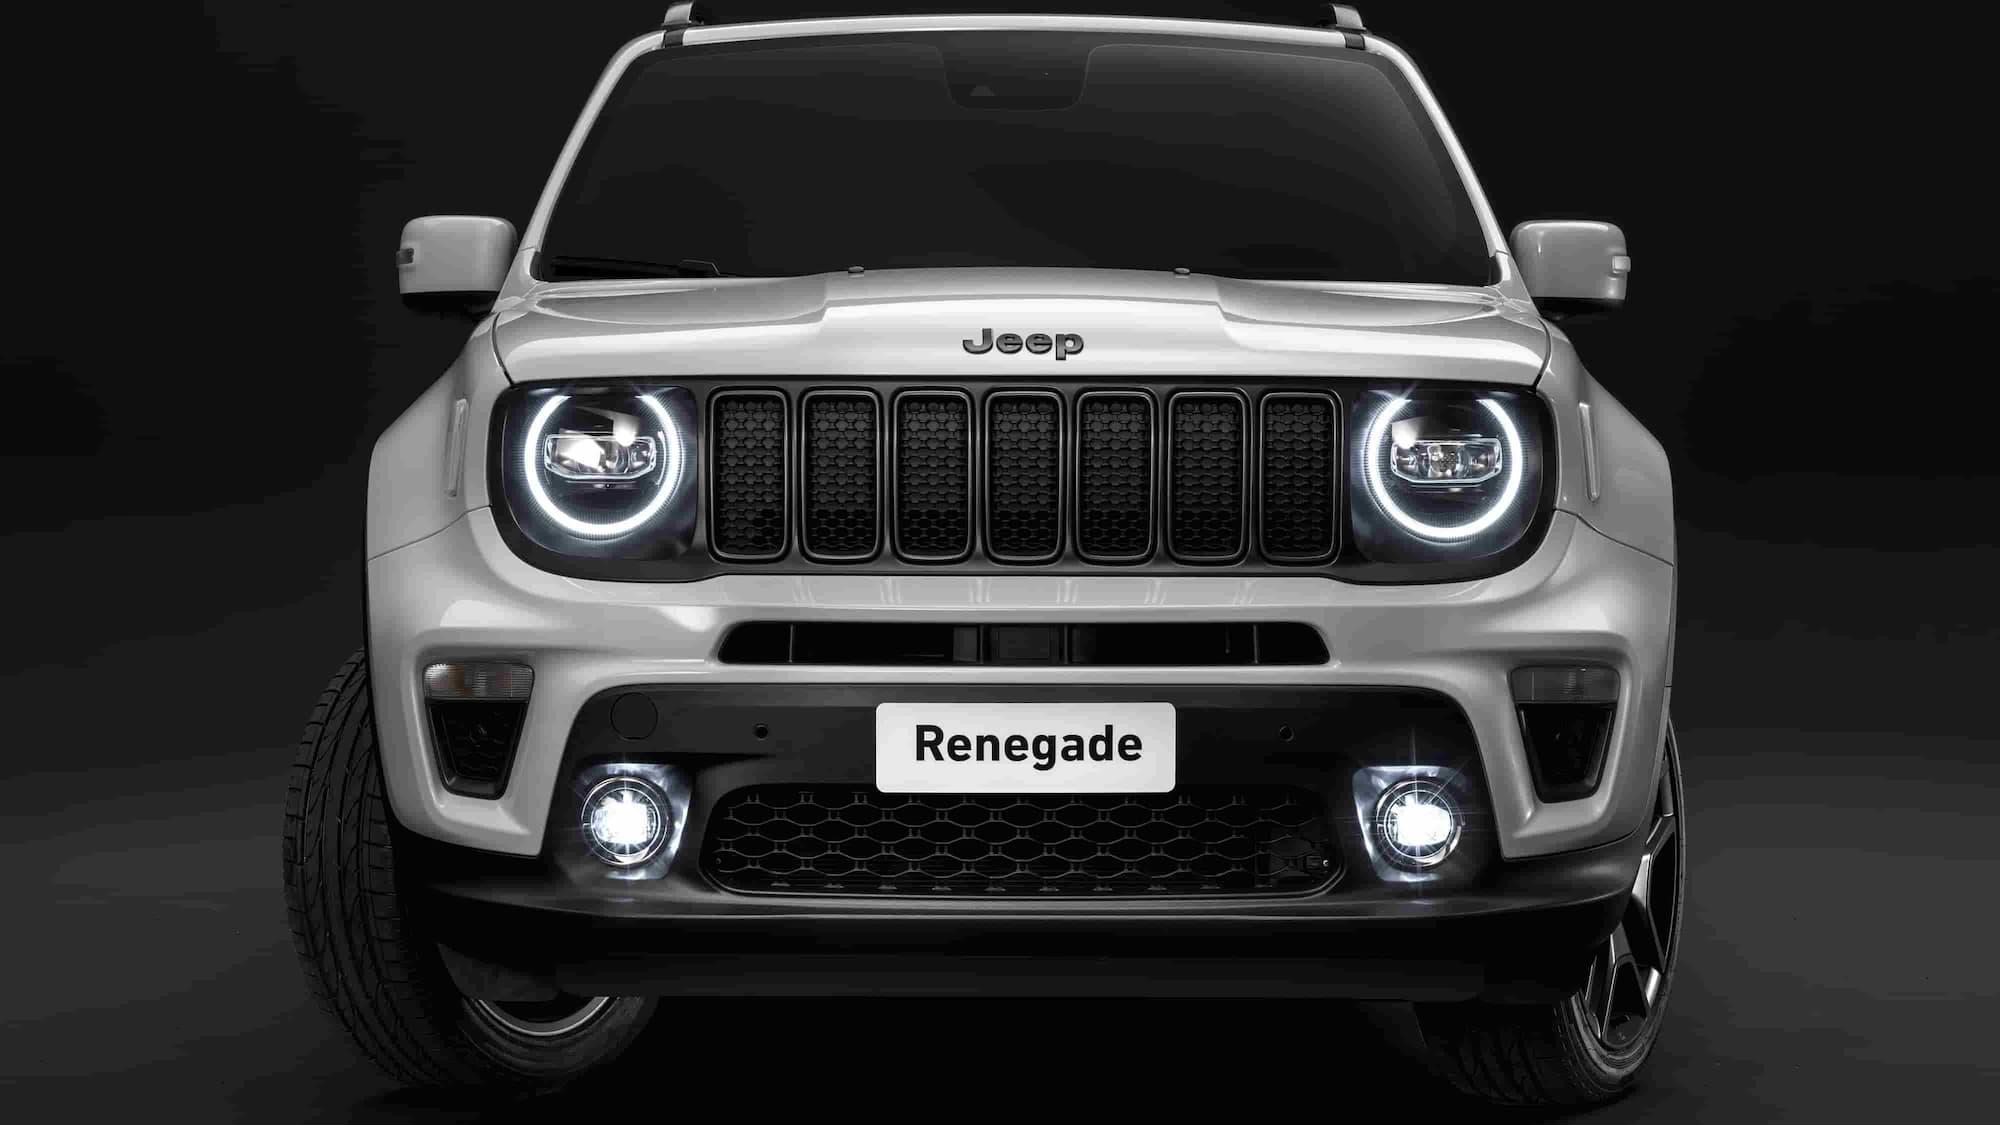 jeep renegade s 2019 renegade 1